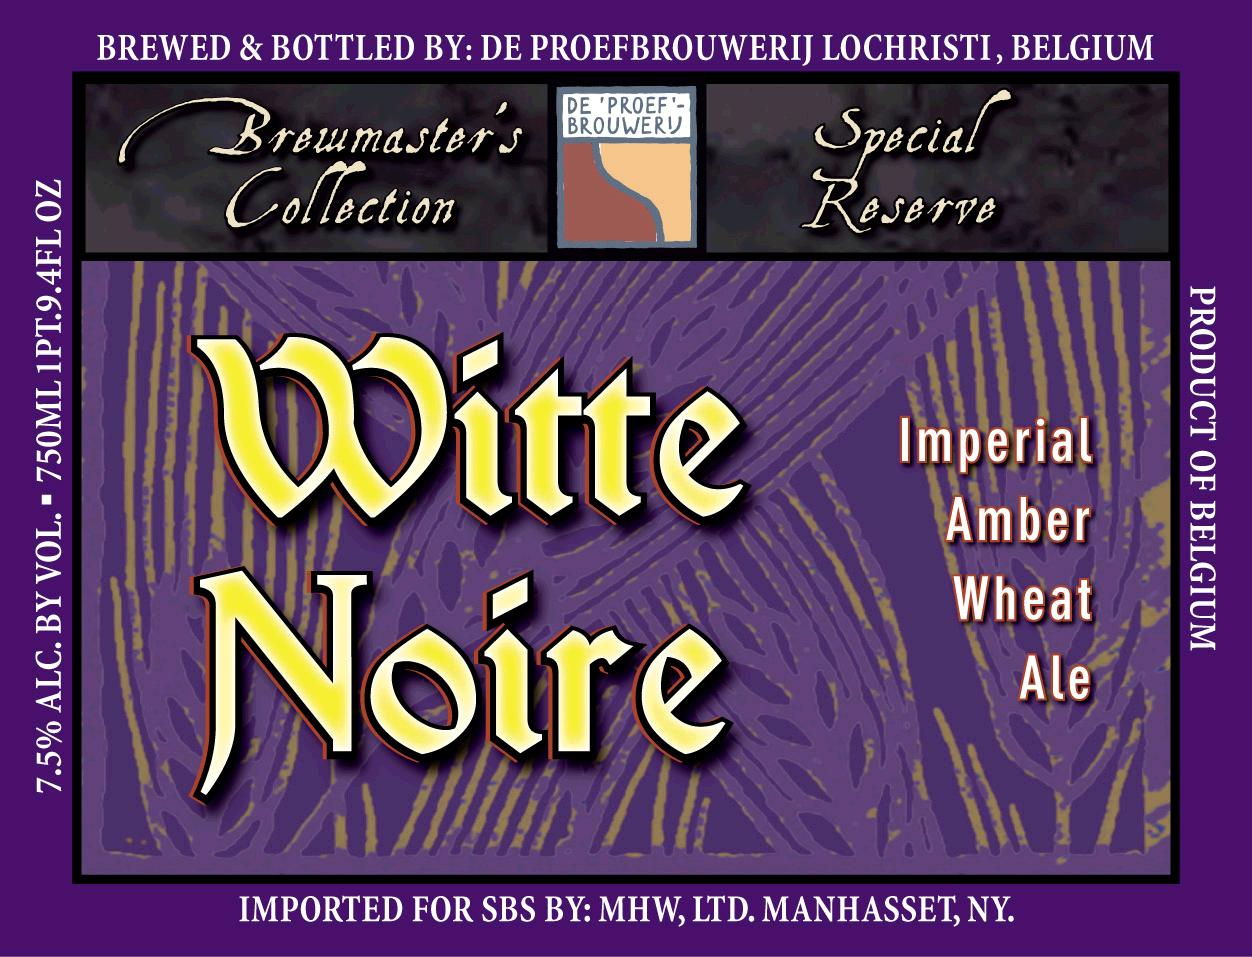 Witte Noire